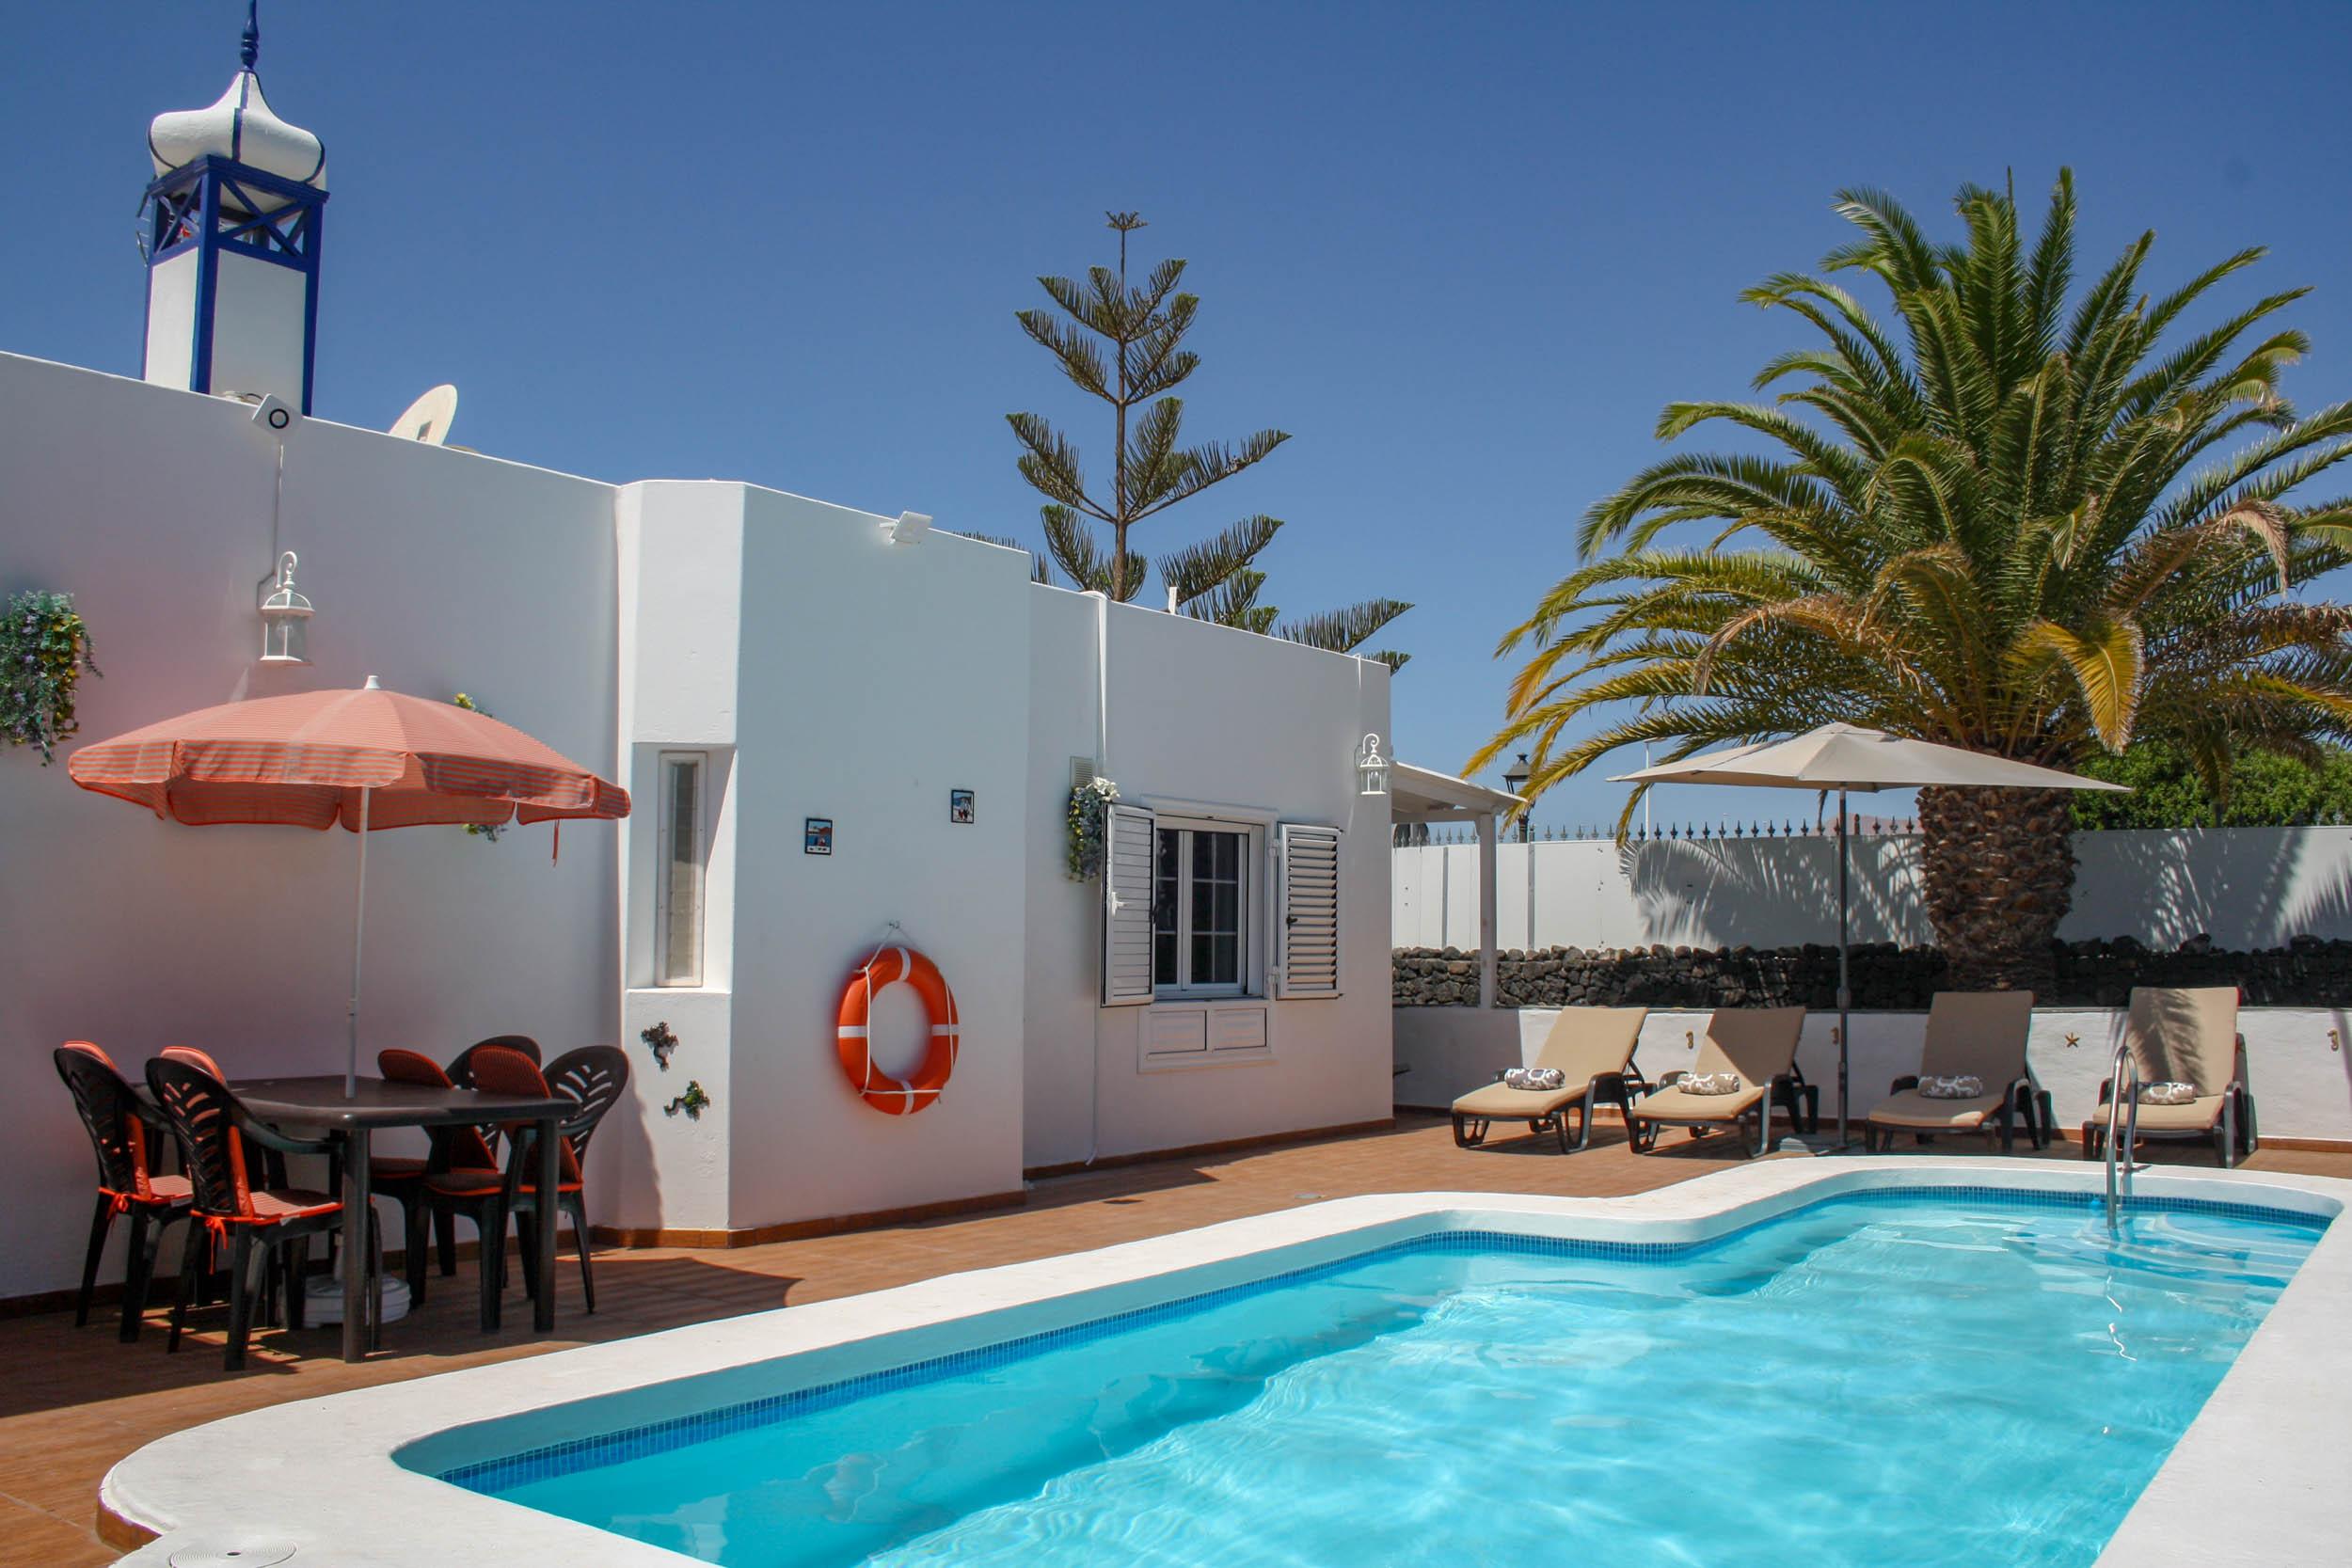 Villa Oliveira Buenavilla Lanzarote